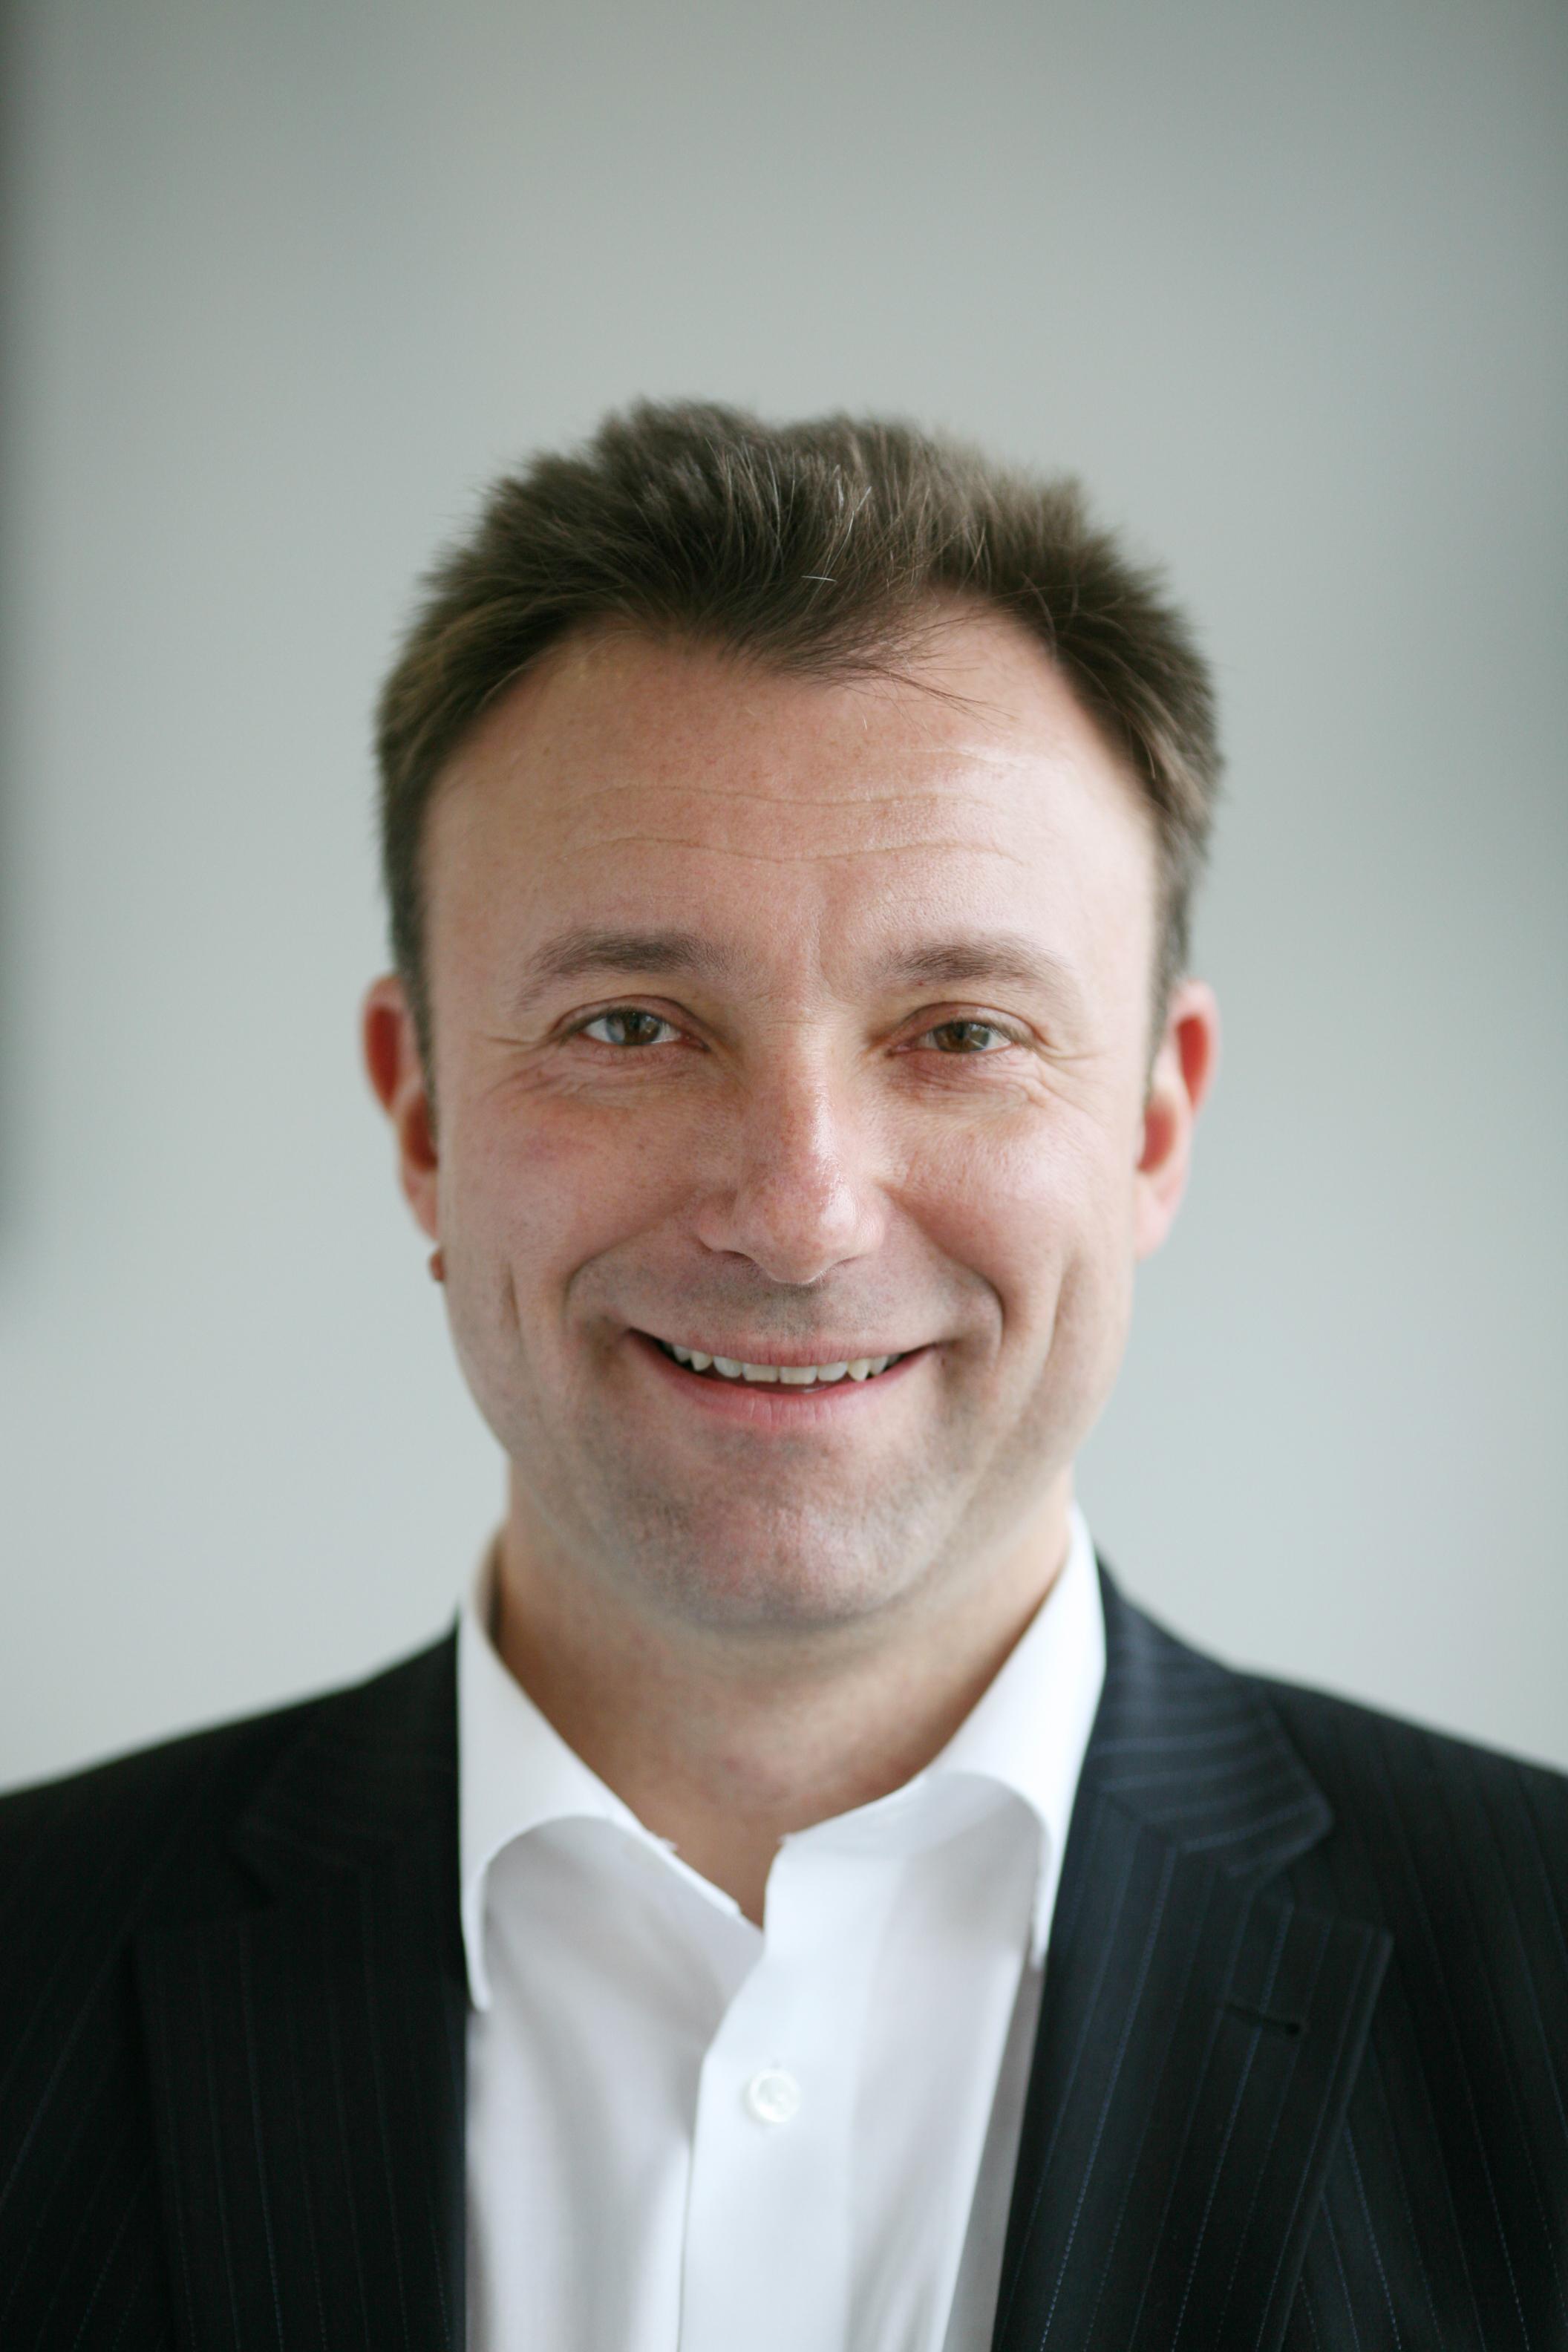 Direct Sales Canada >> Matthias Fink wird Director Sales Business bei Burda Direct